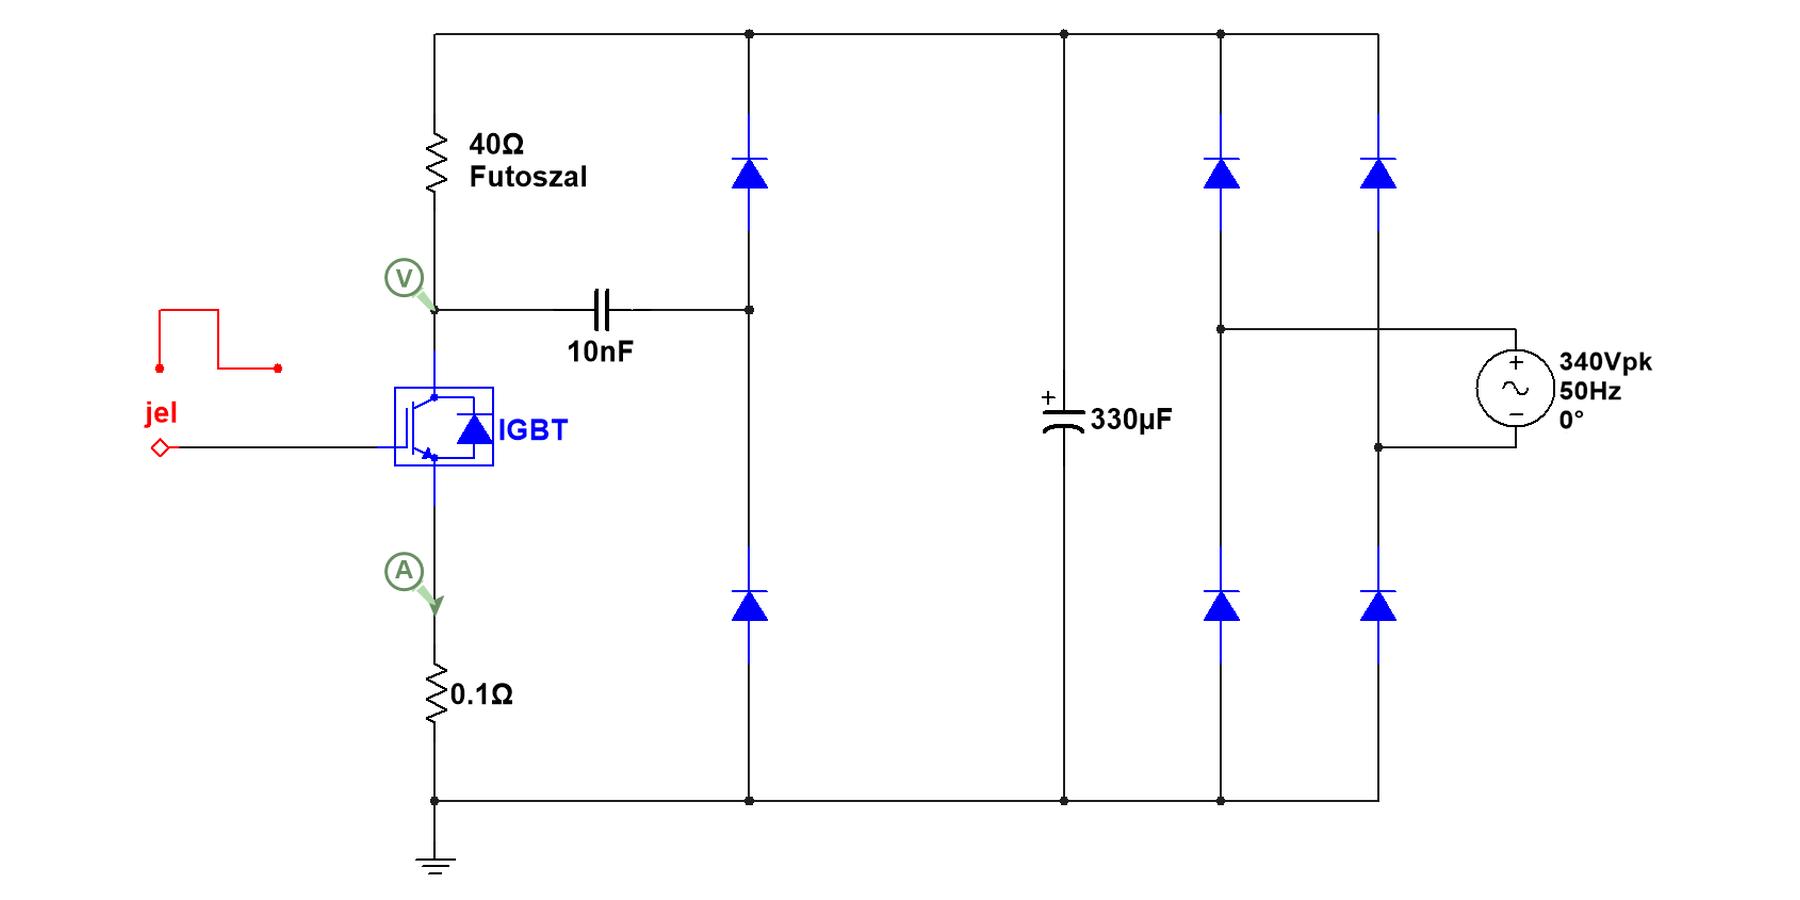 fbc-v15-meres-futoszal FBC V1.5 mérés 1500W terheléssel